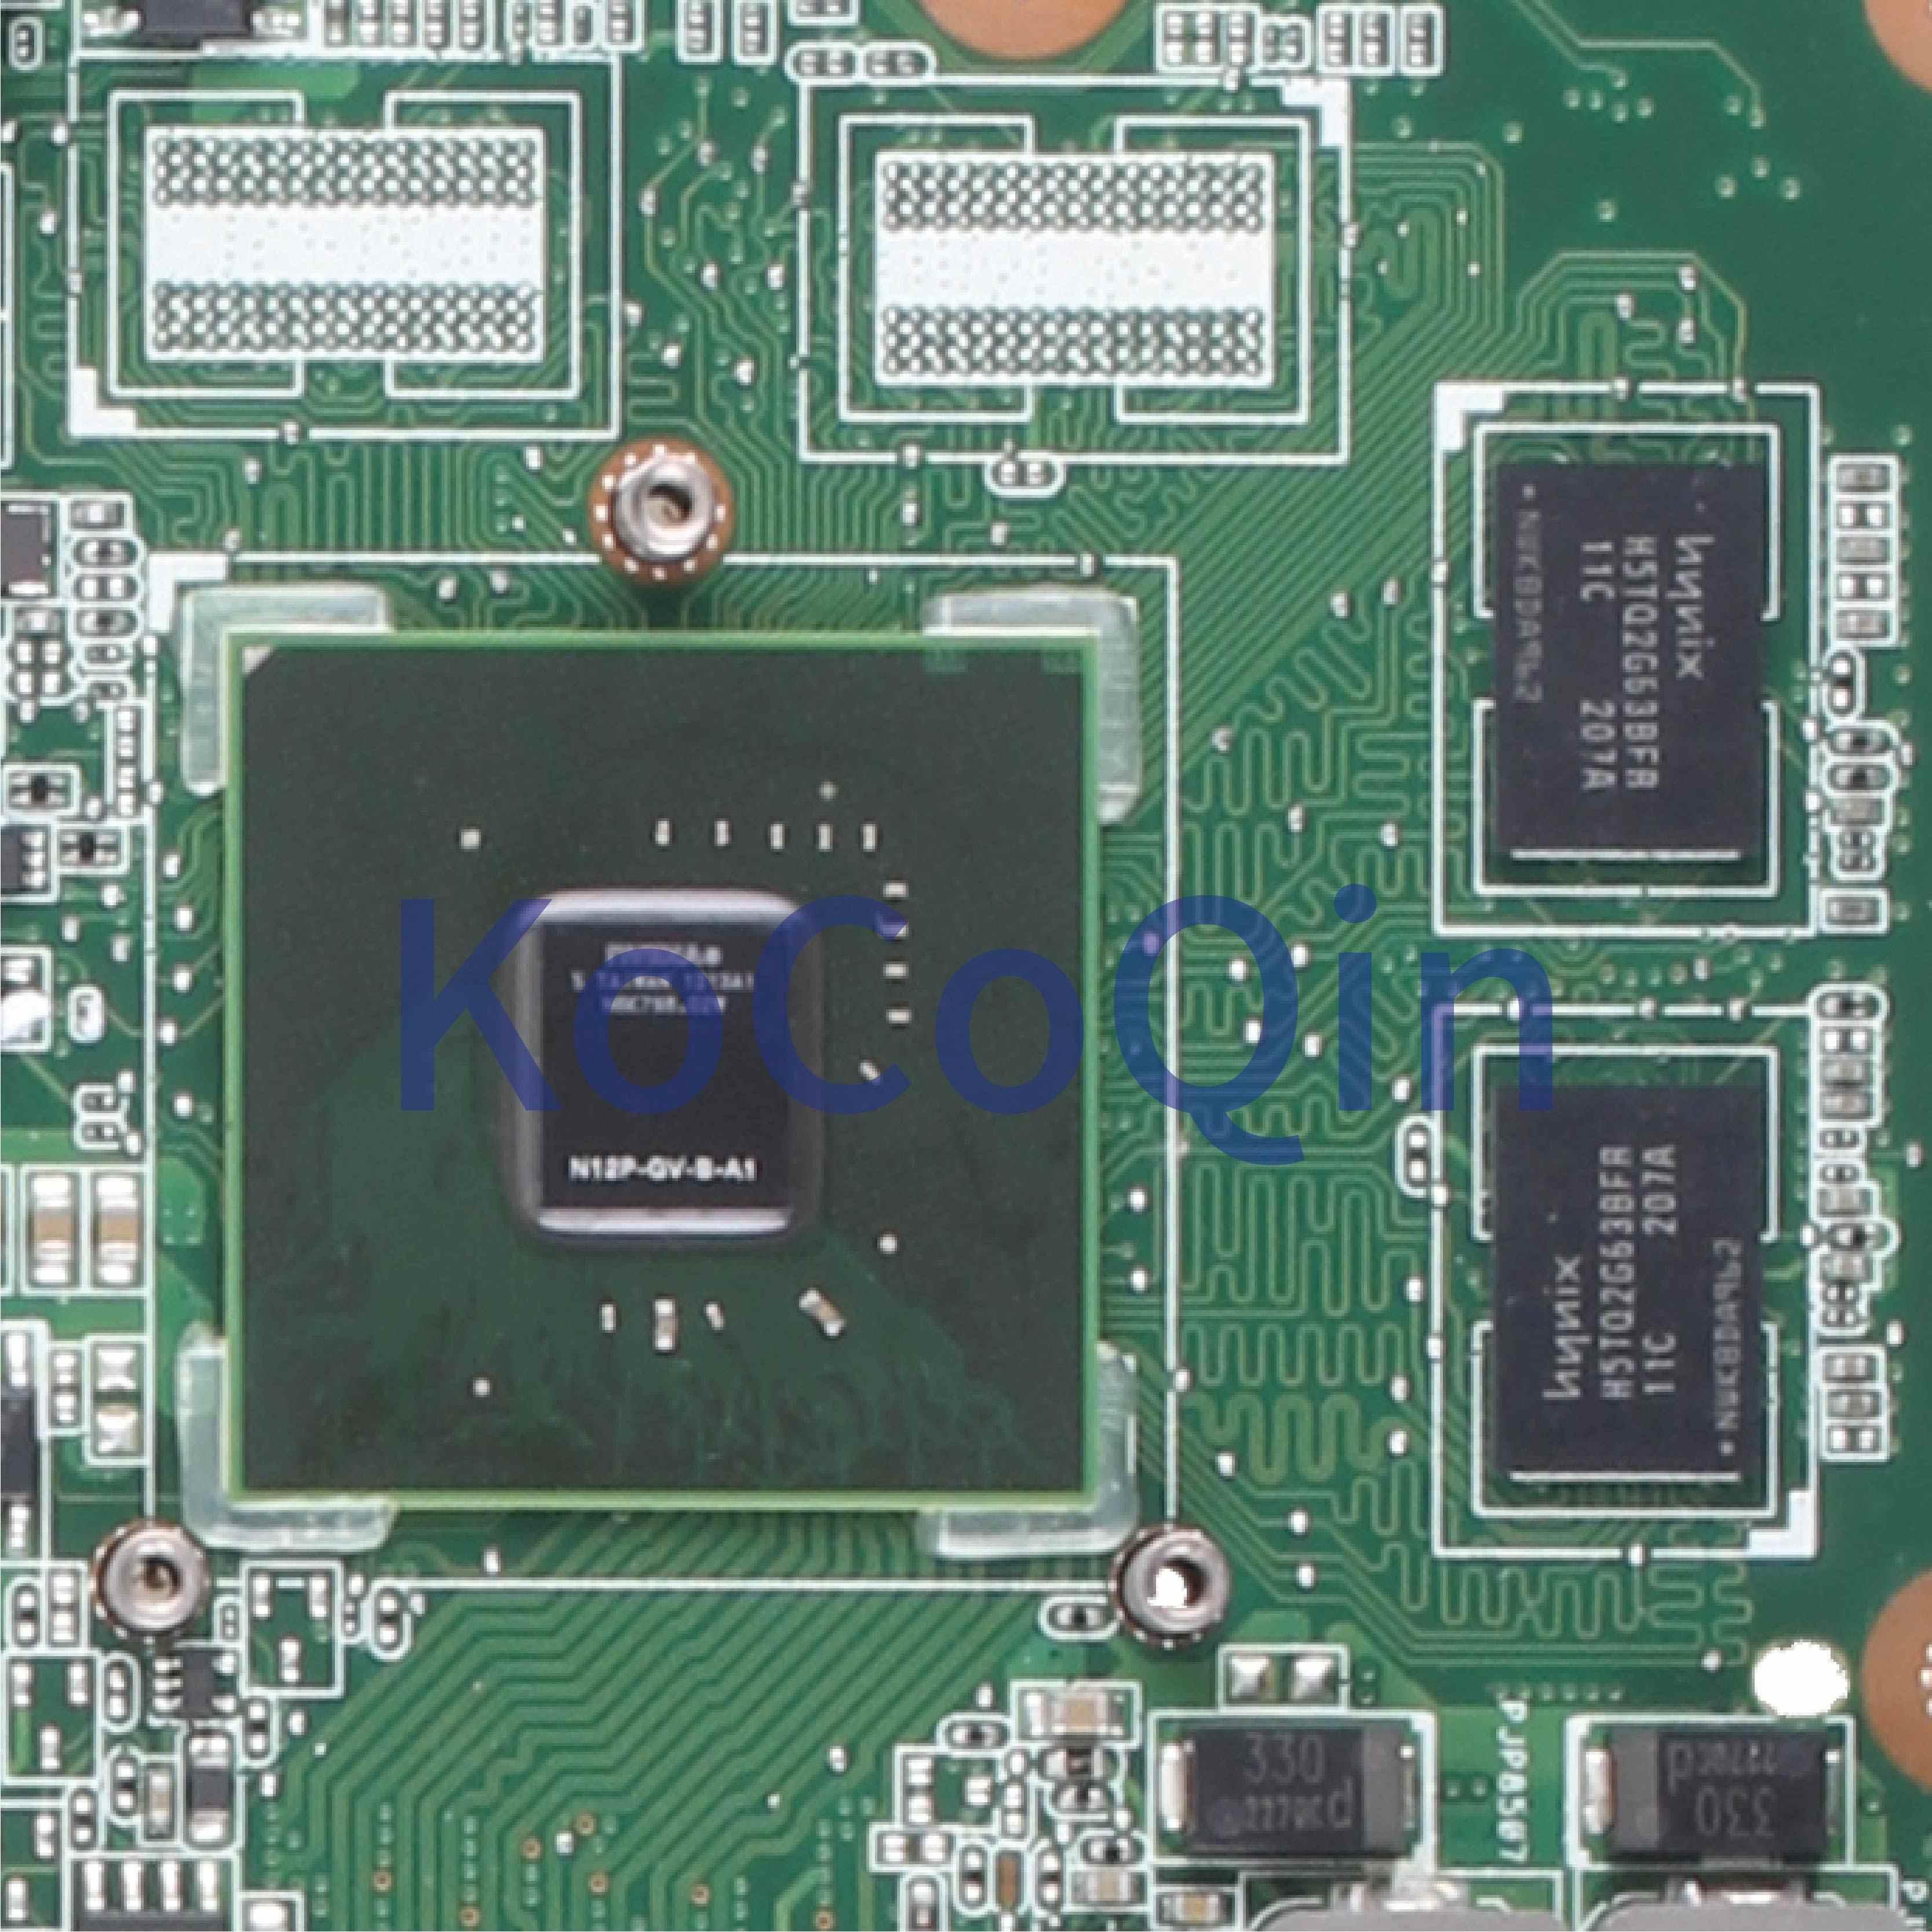 Kocoqin Motherboard Laptop UNTUK ASUS K53SV X53S A53S K53S K53SC P53SJ K53SM K53SJ Mainboard REV.3.00 HM65 N12P-GV-B-A1